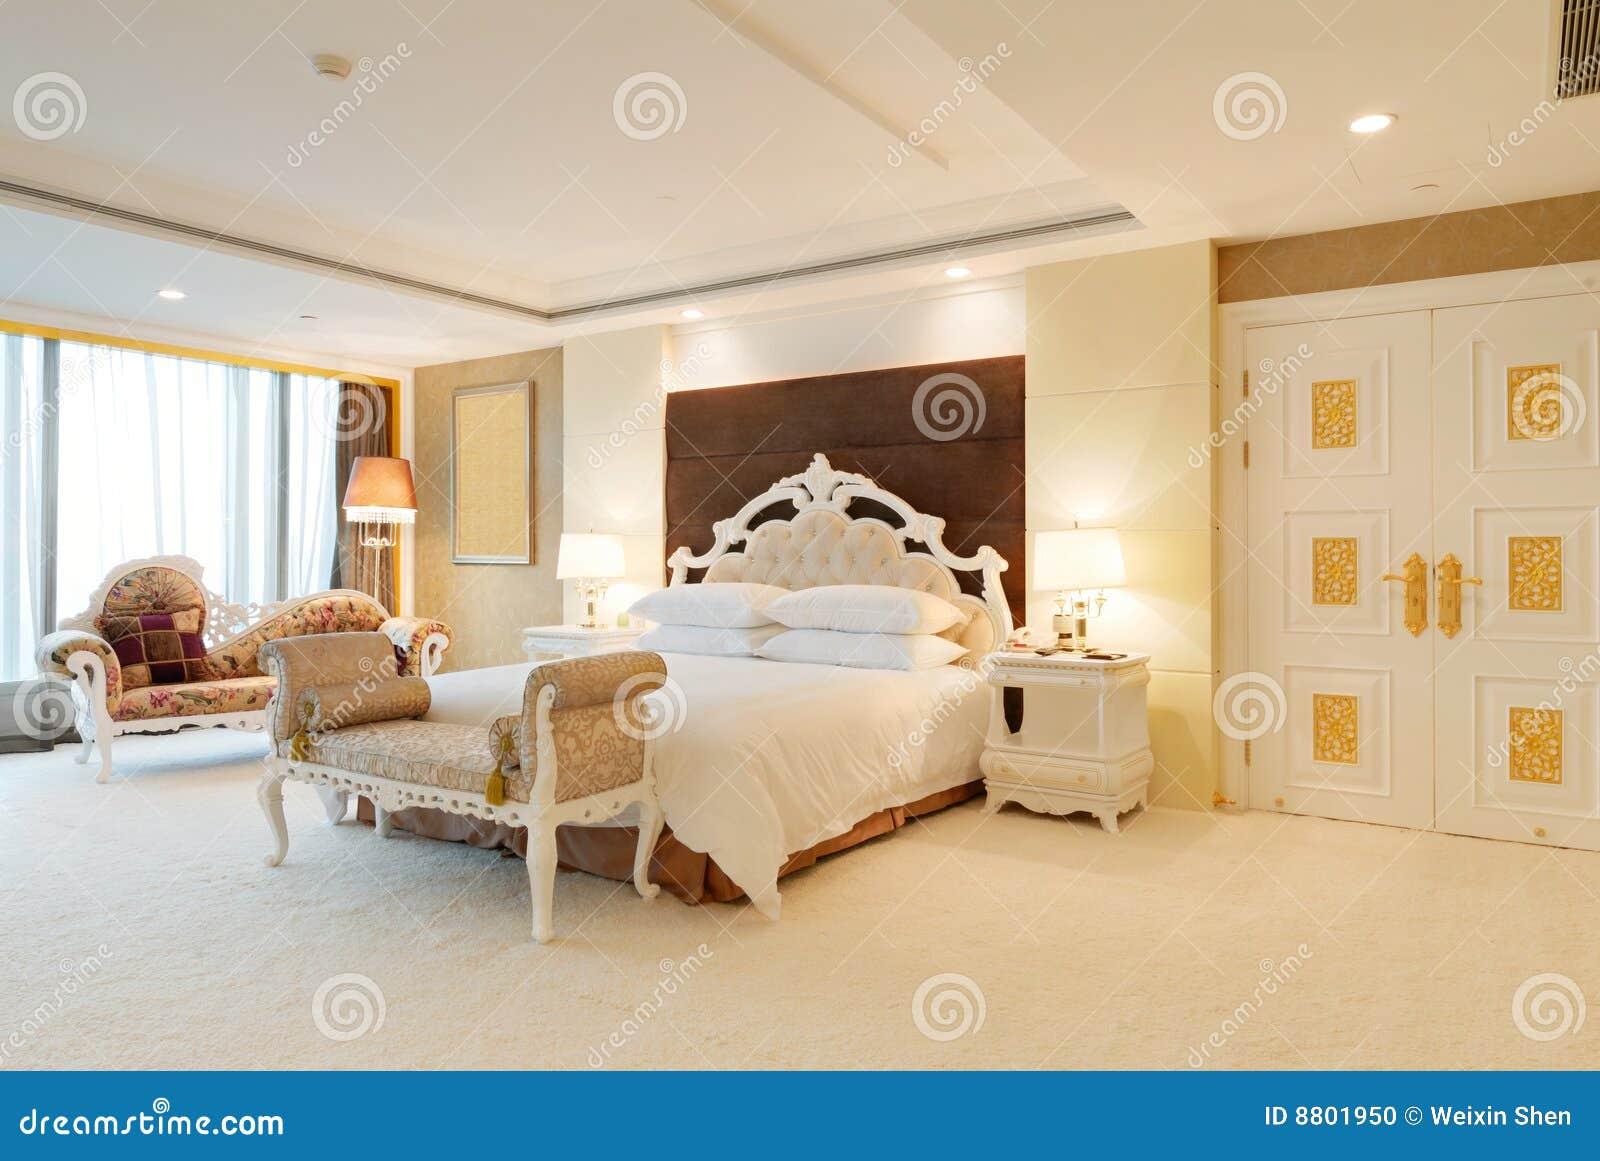 Camera da letto della serie di lusso in hotel fotografia for Arredamento camere hotel prezzi